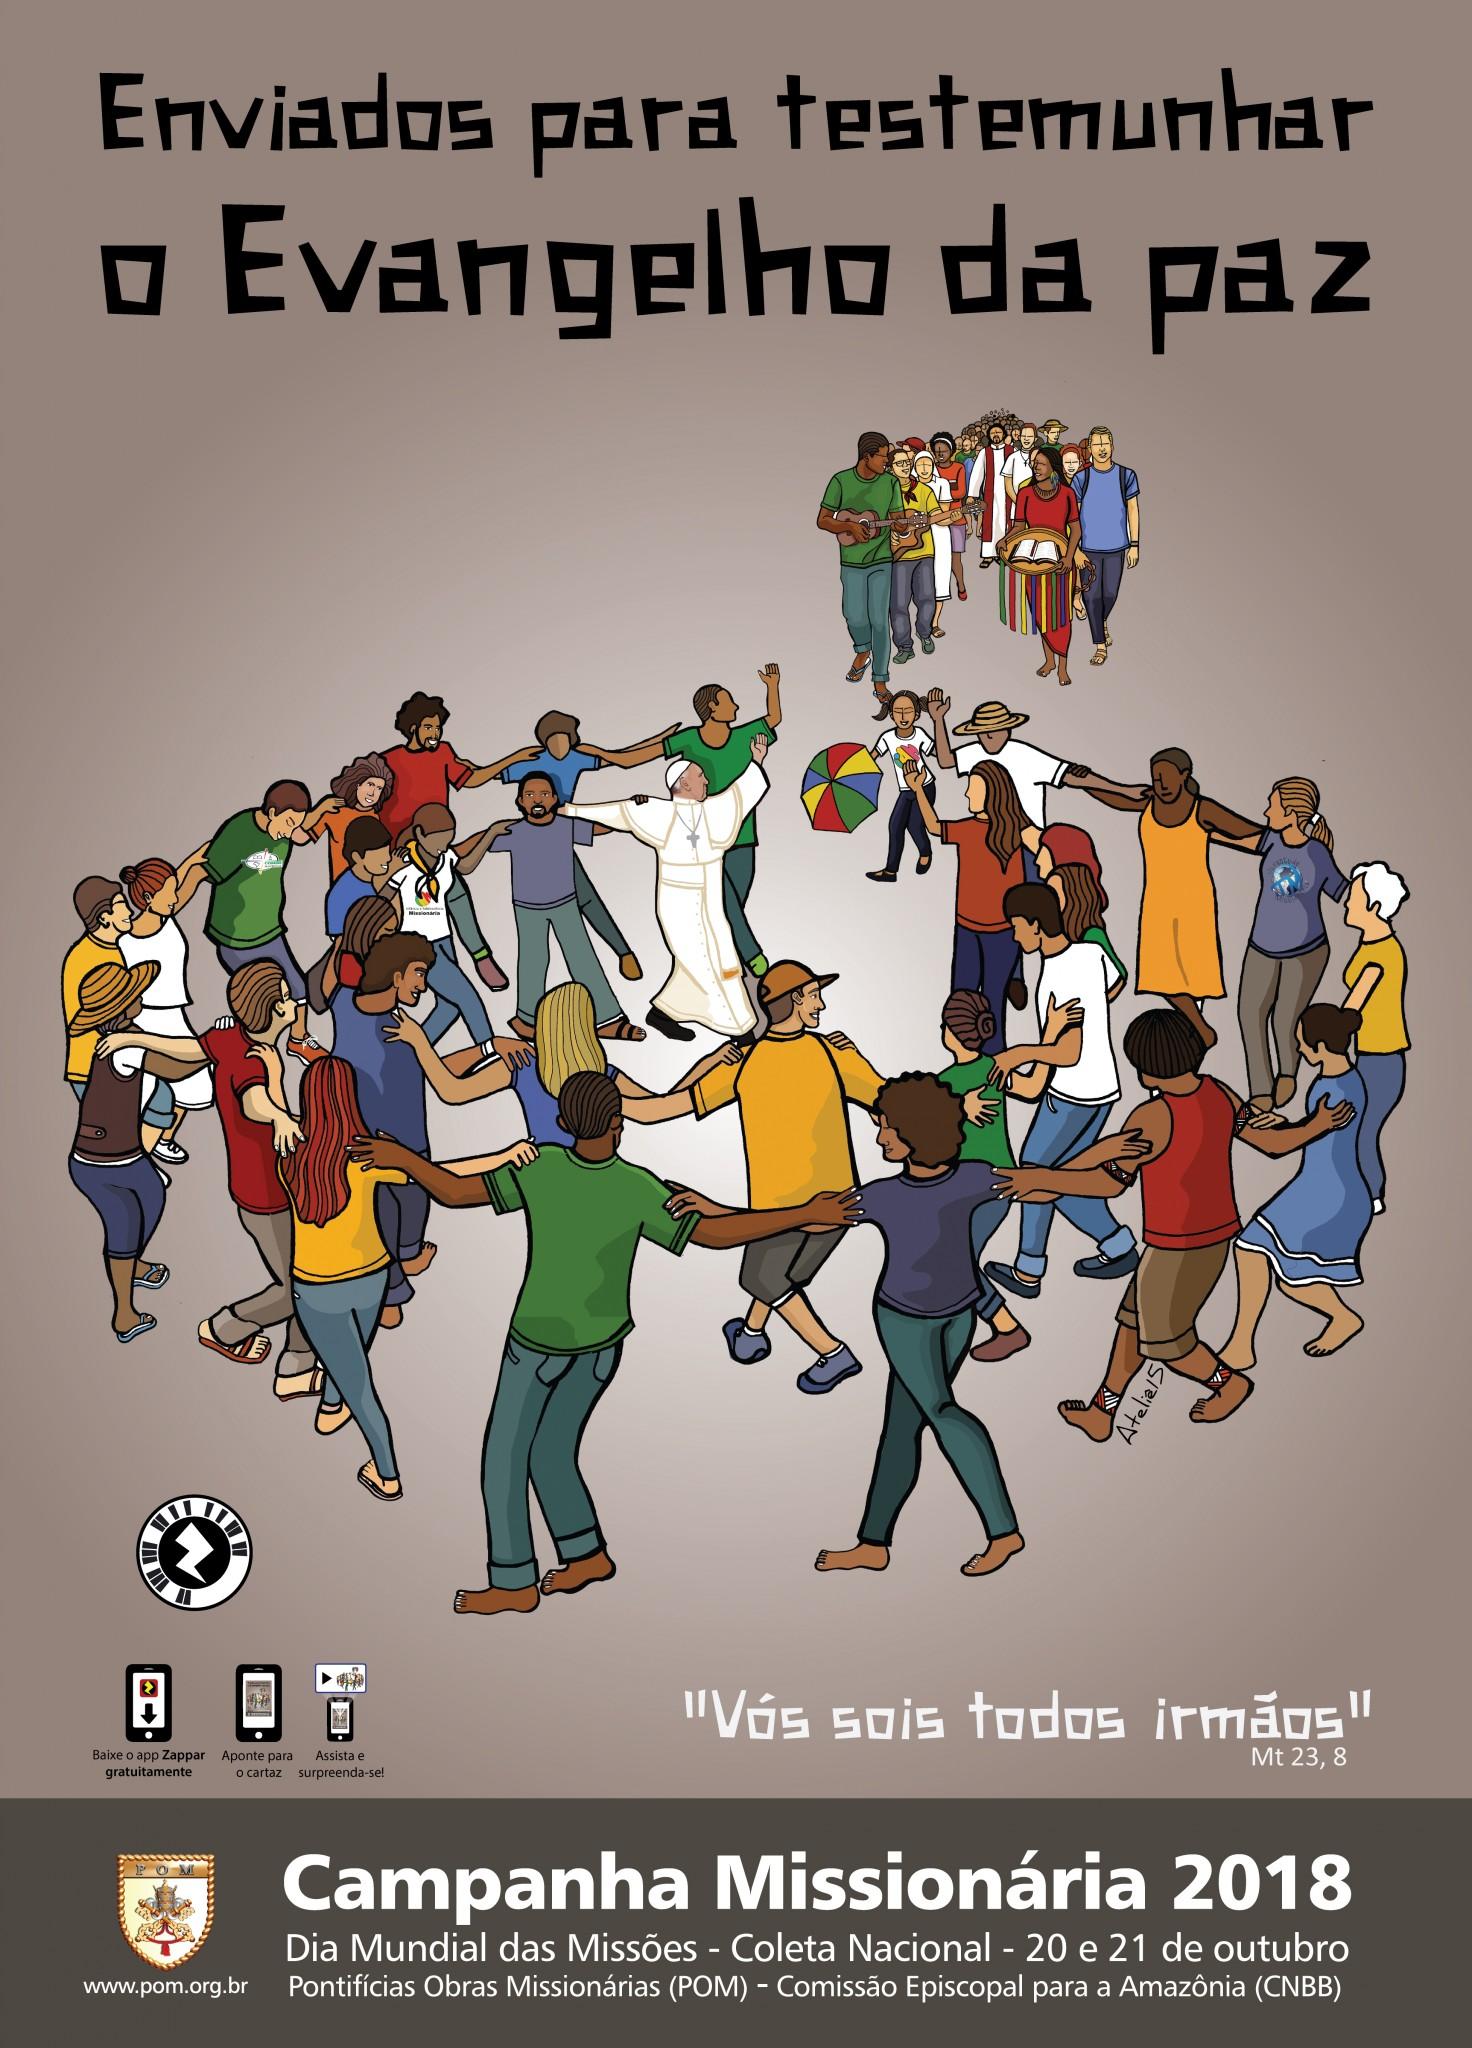 Outubro Mês Dedicado A Celebrar A Missão Nas Comunidades No Brasil